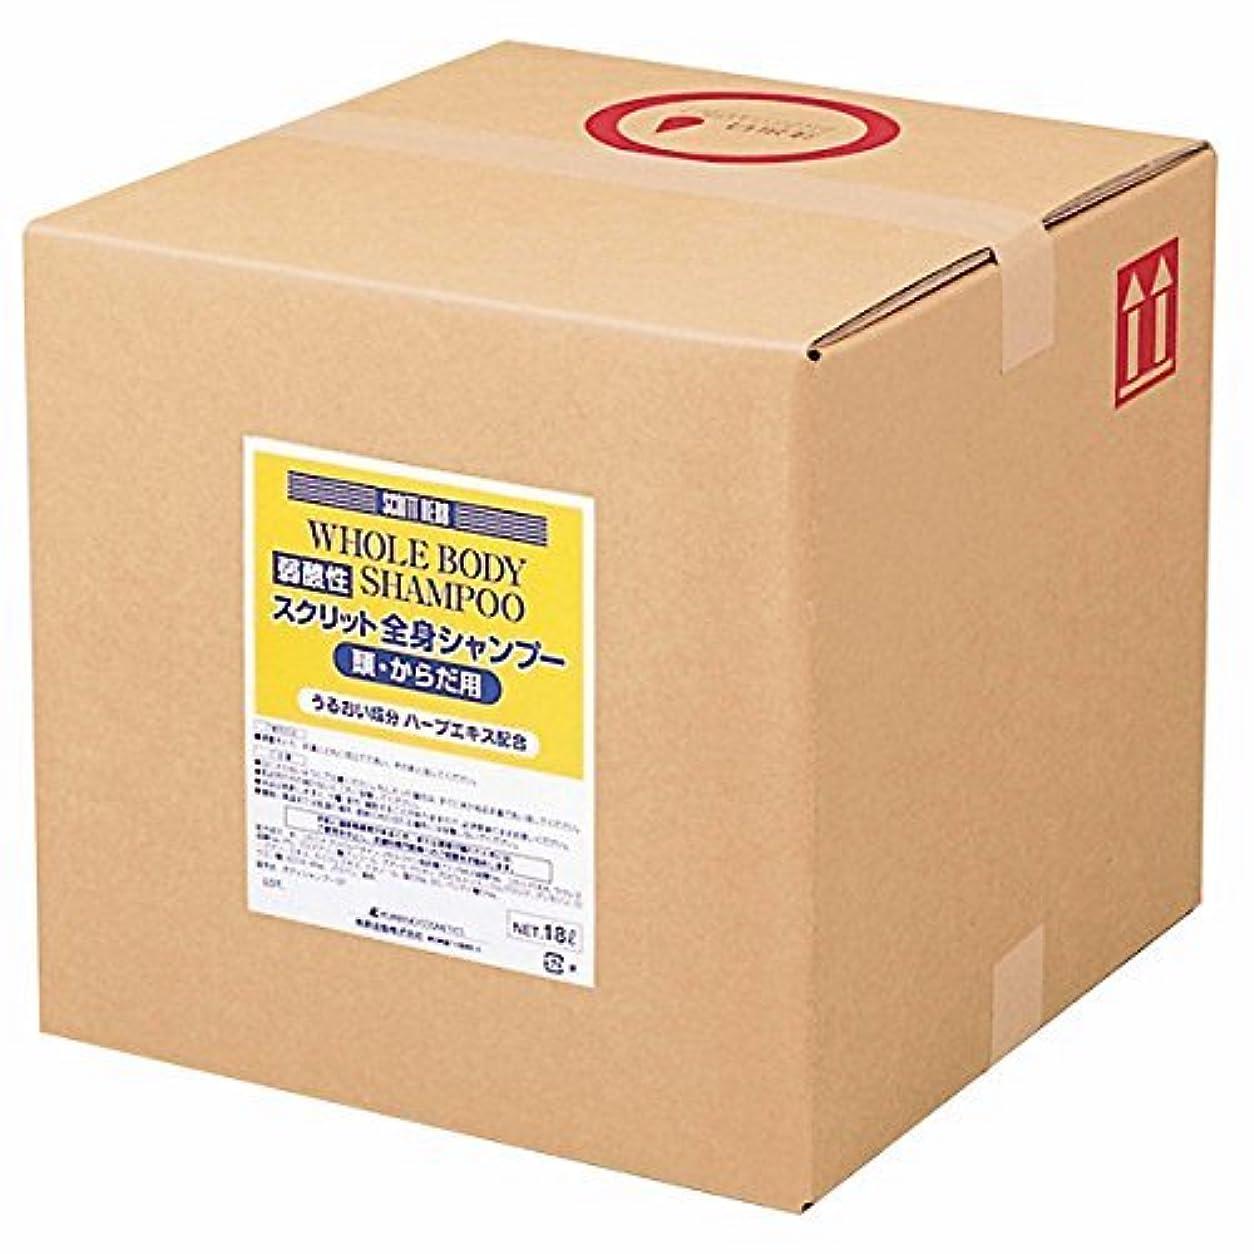 狼腫瘍平和的熊野油脂 業務用 SCRITT(スクリット) 全身シャンプー 18L